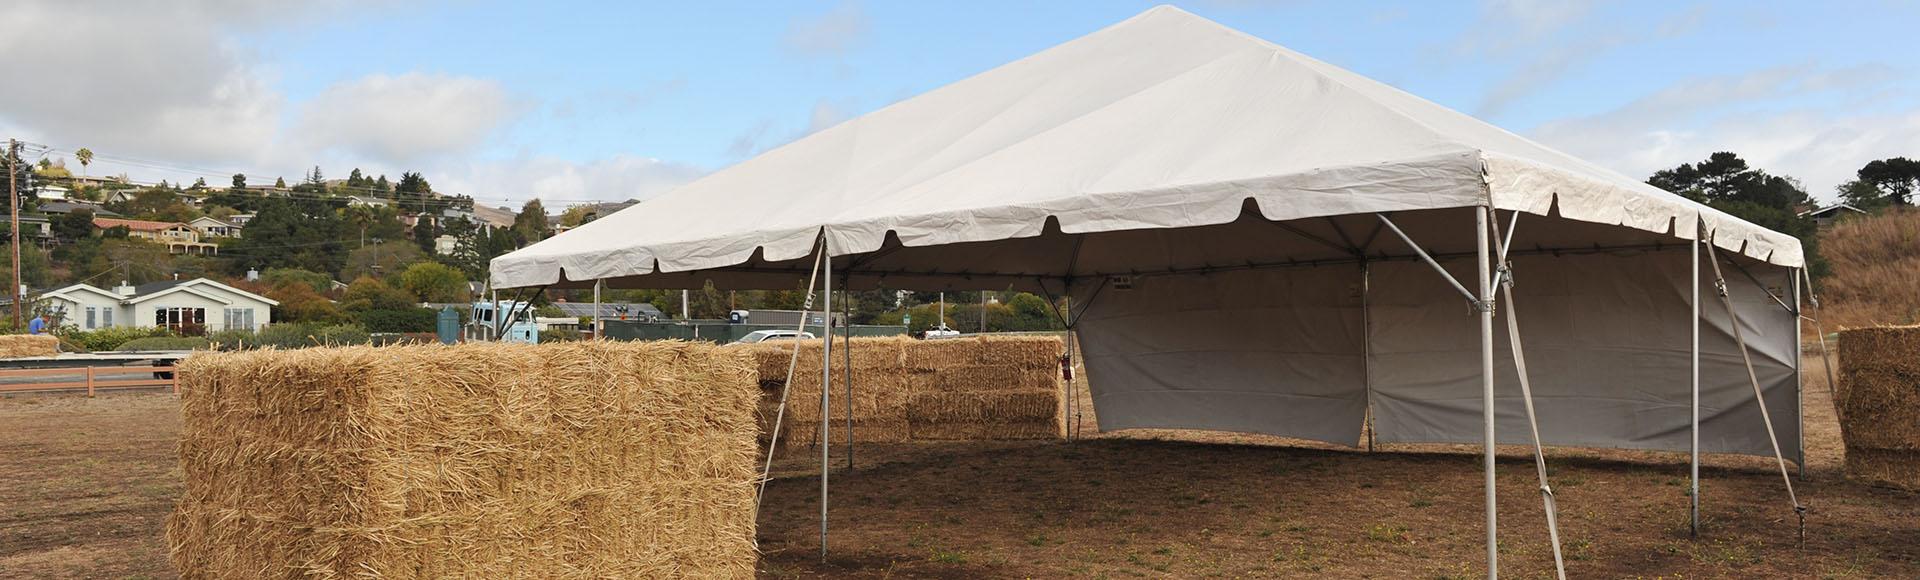 富暐帆布有限公司-活動車庫、伸縮帆布、活動帳篷、造型鐵架、造型帳篷、天龍架、富暐帆布